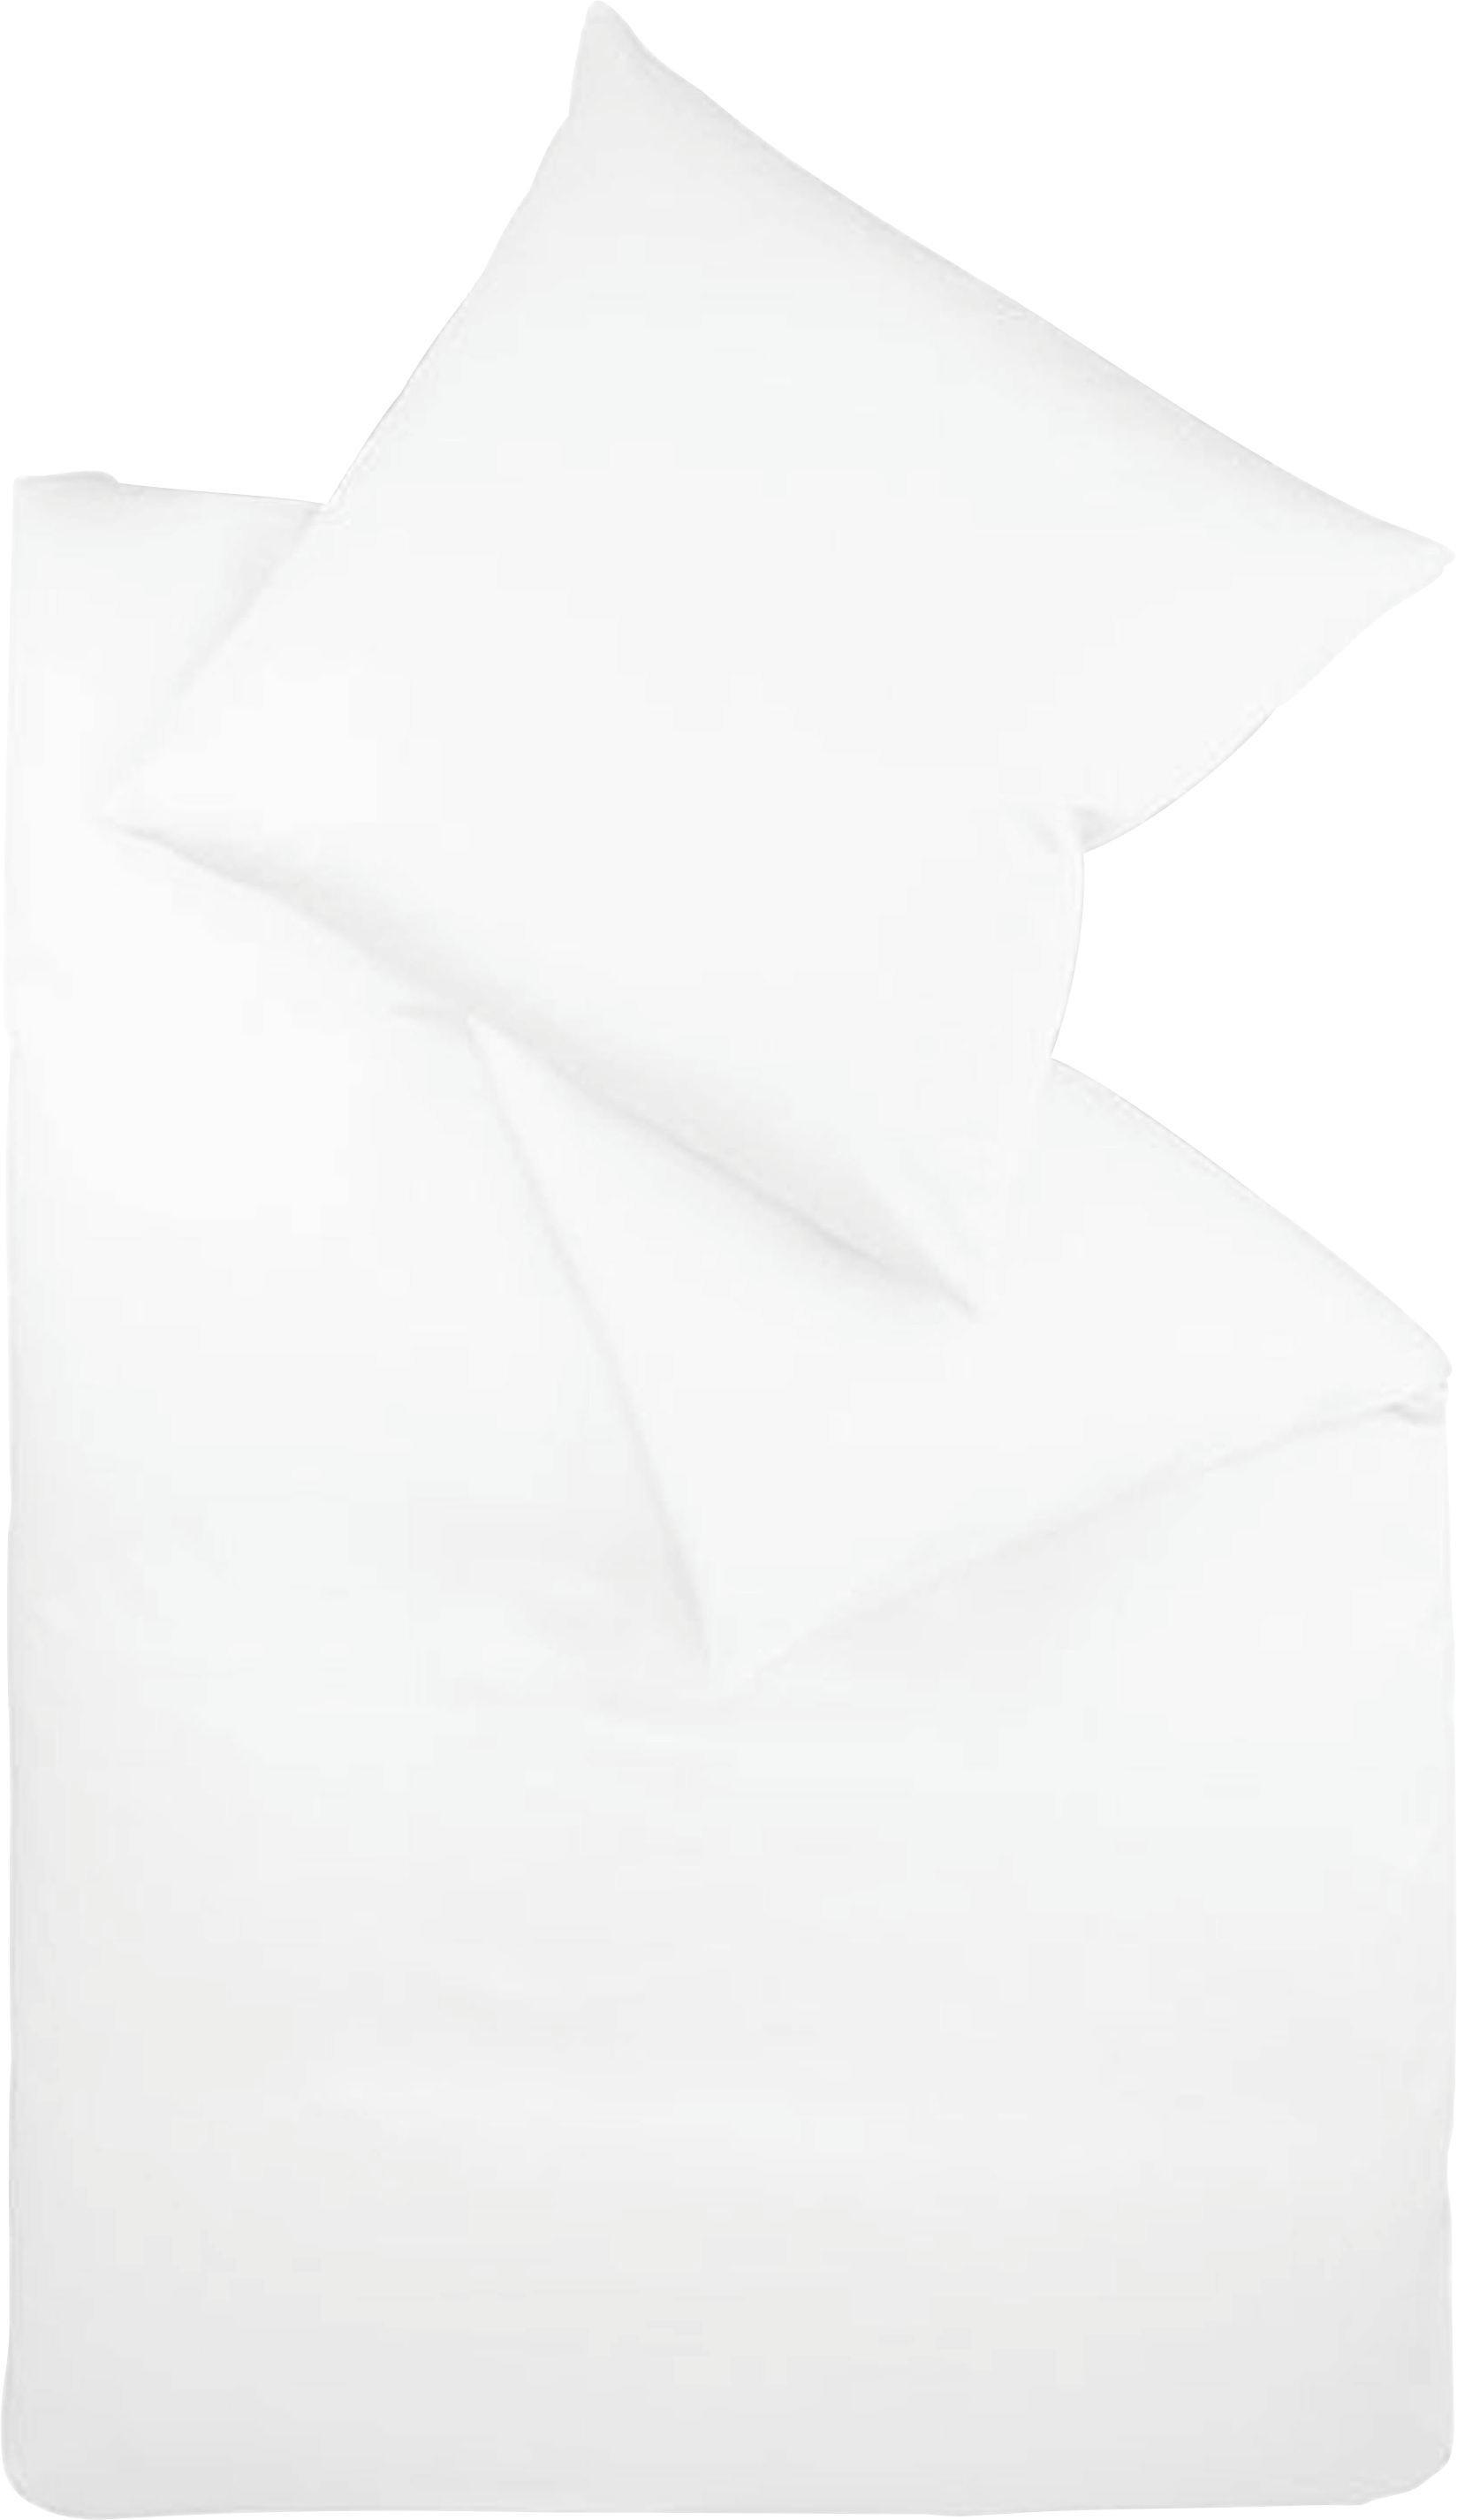 BETTWÄSCHE Makosatin Weiß 155/220 cm - Weiß, Textil (155/220cm) - FLEURESSE